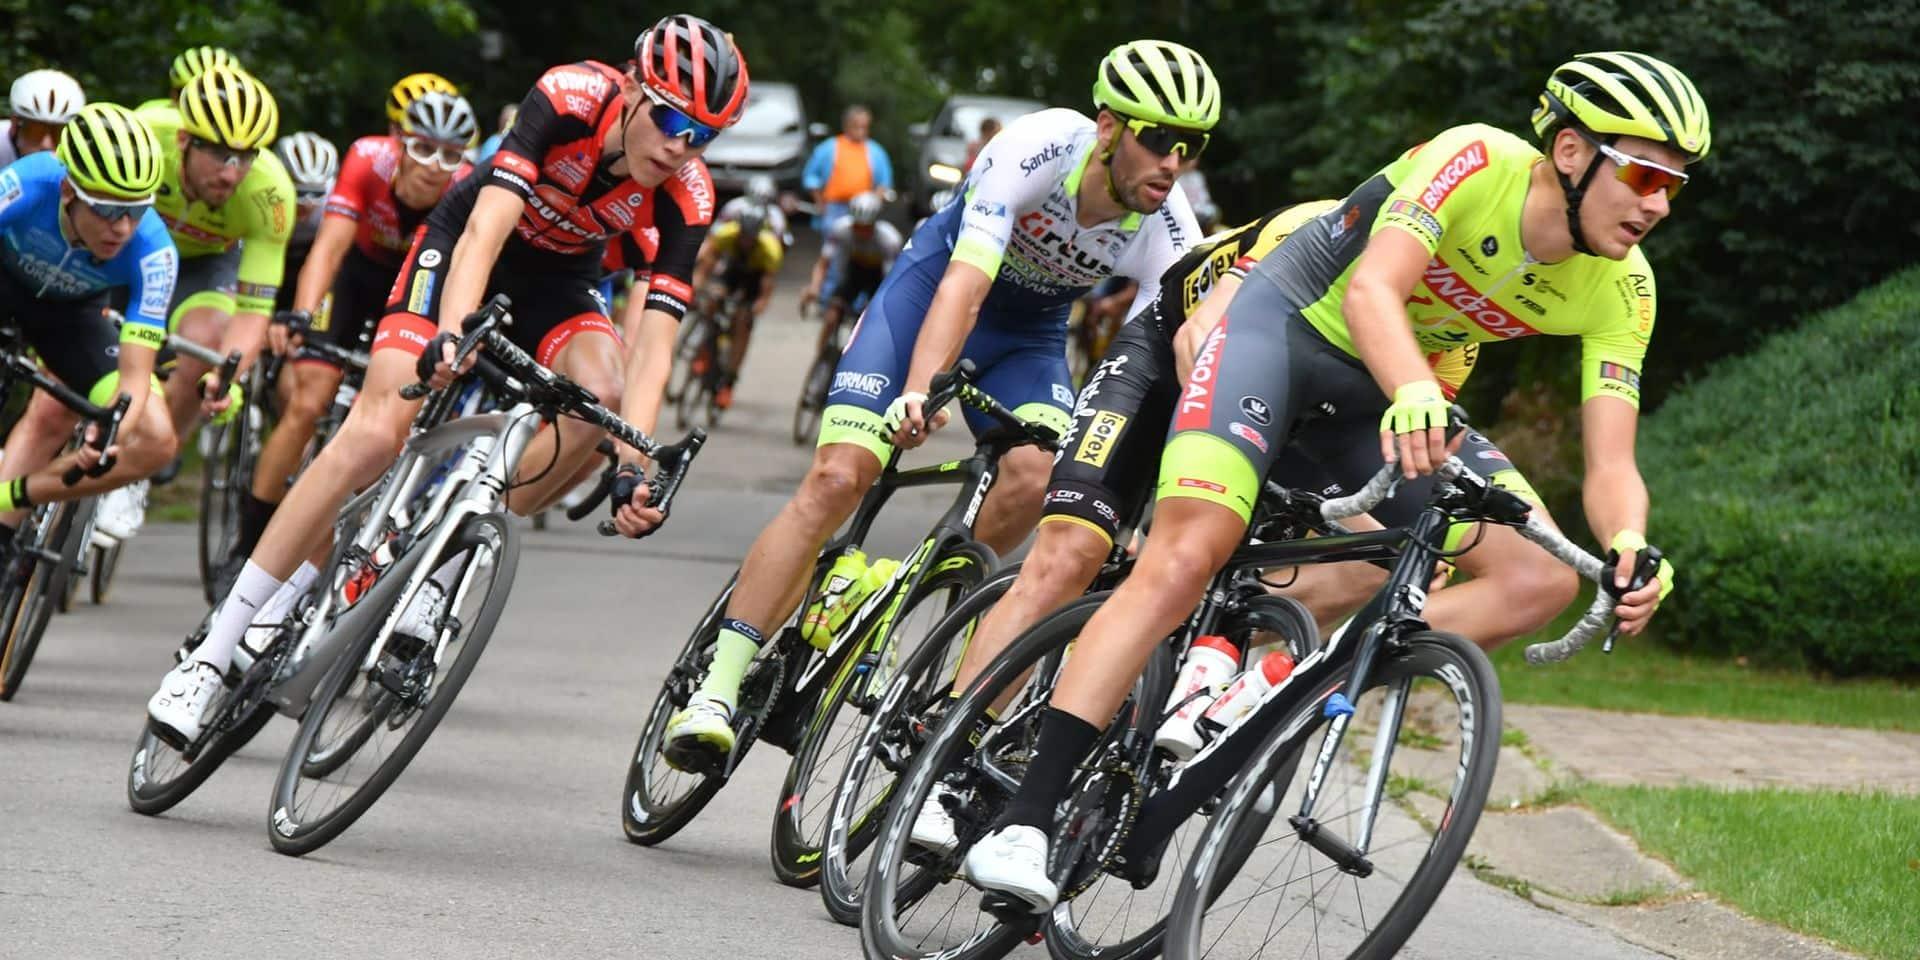 Victime d'une chute, Tom Paquot est forfait pour Paris-Tours U23